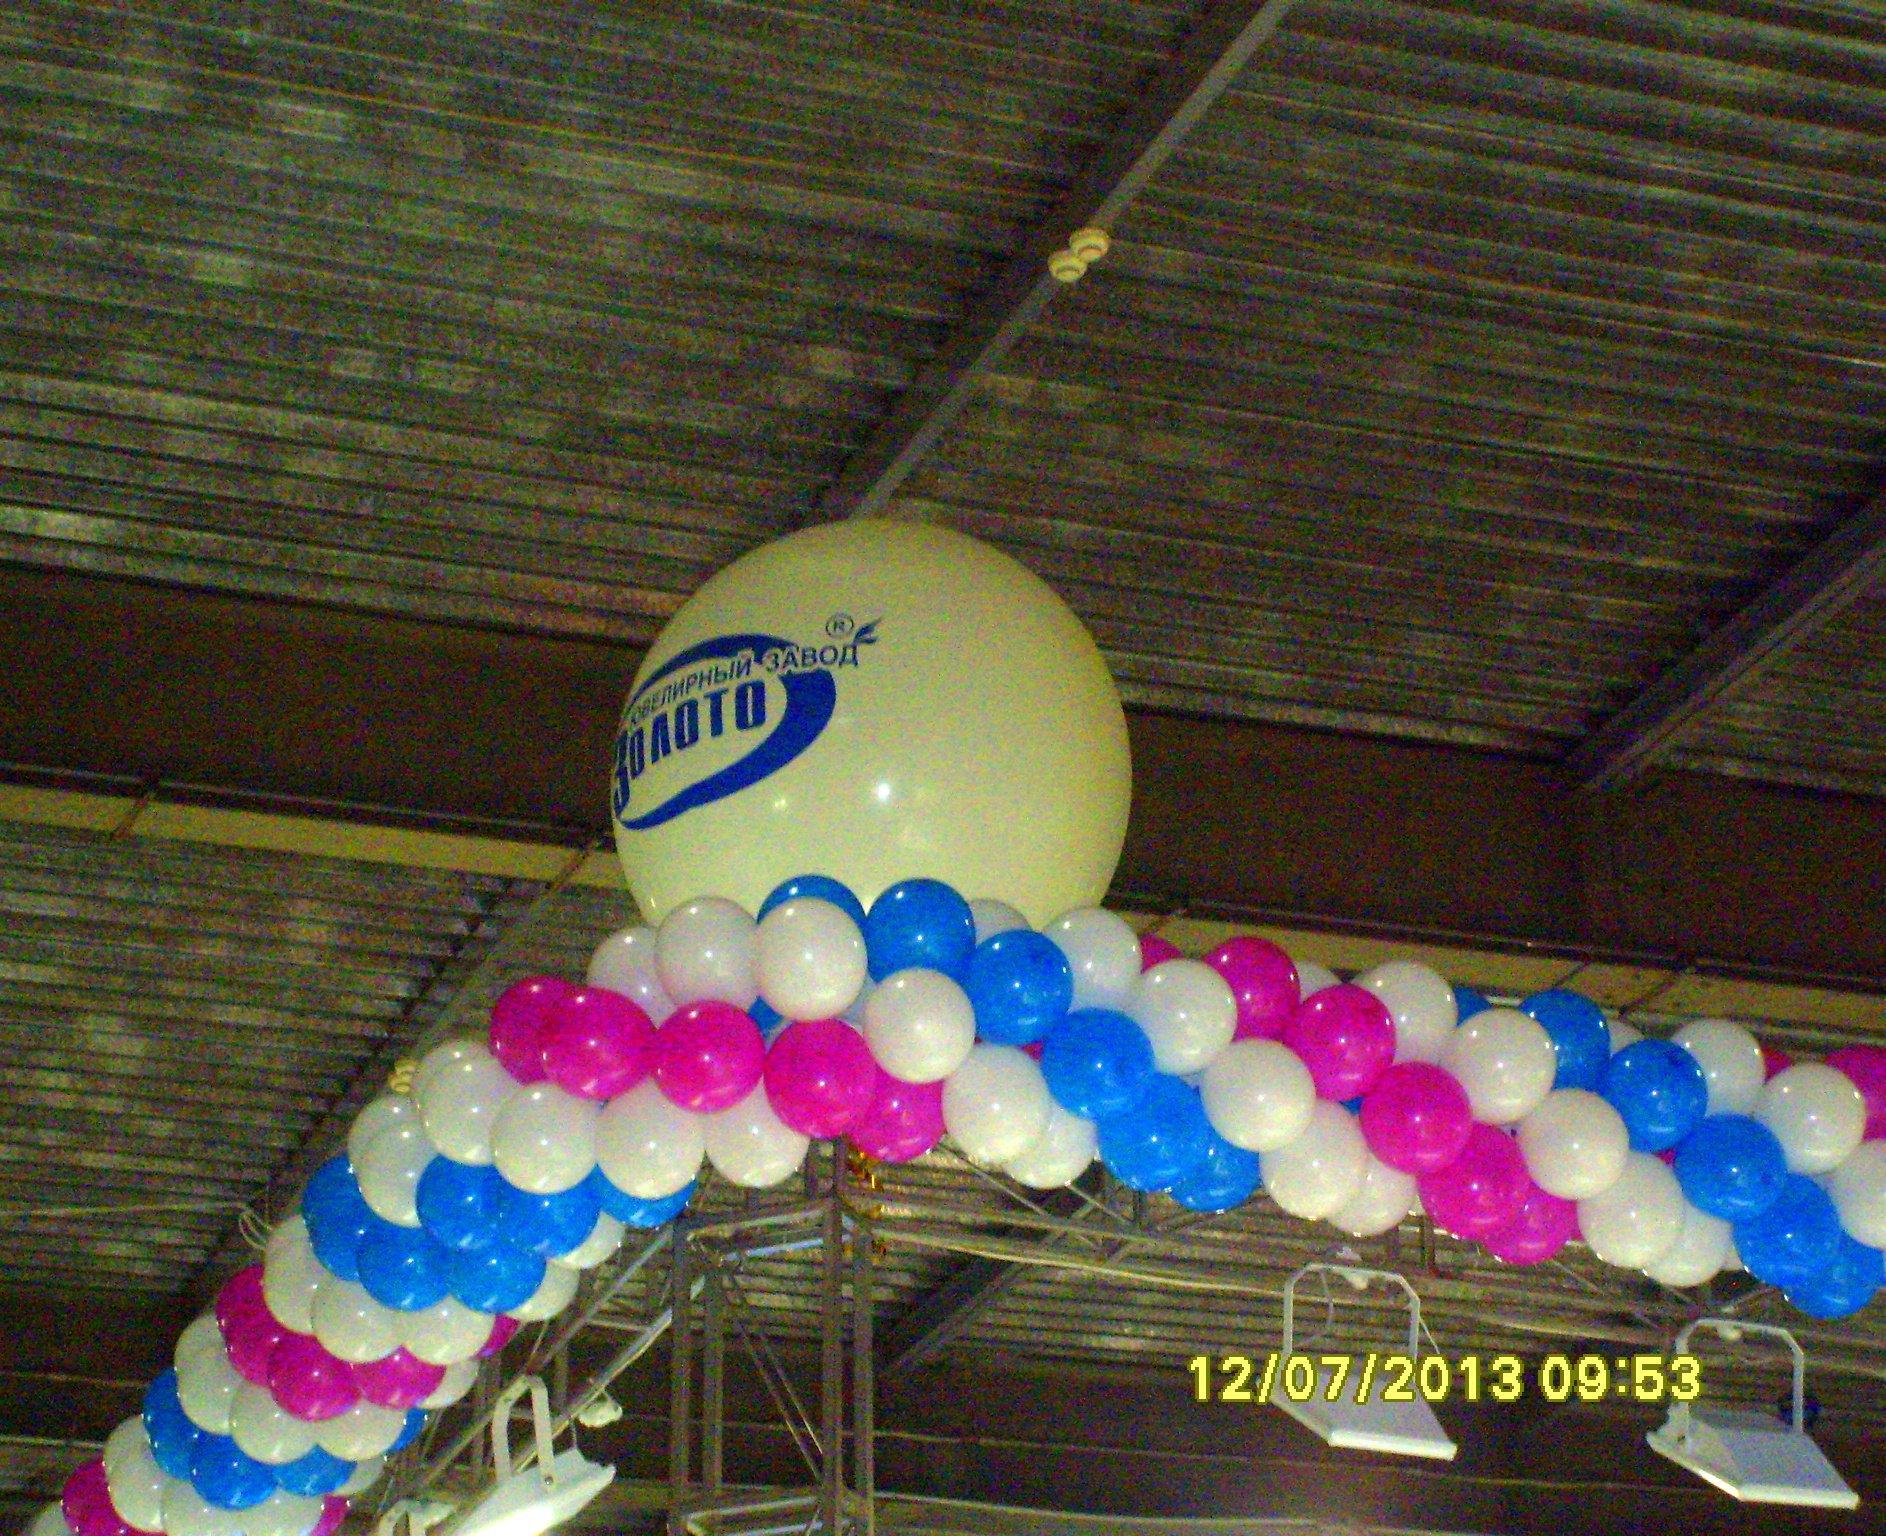 Большой шар на выставке в Экспоплазе